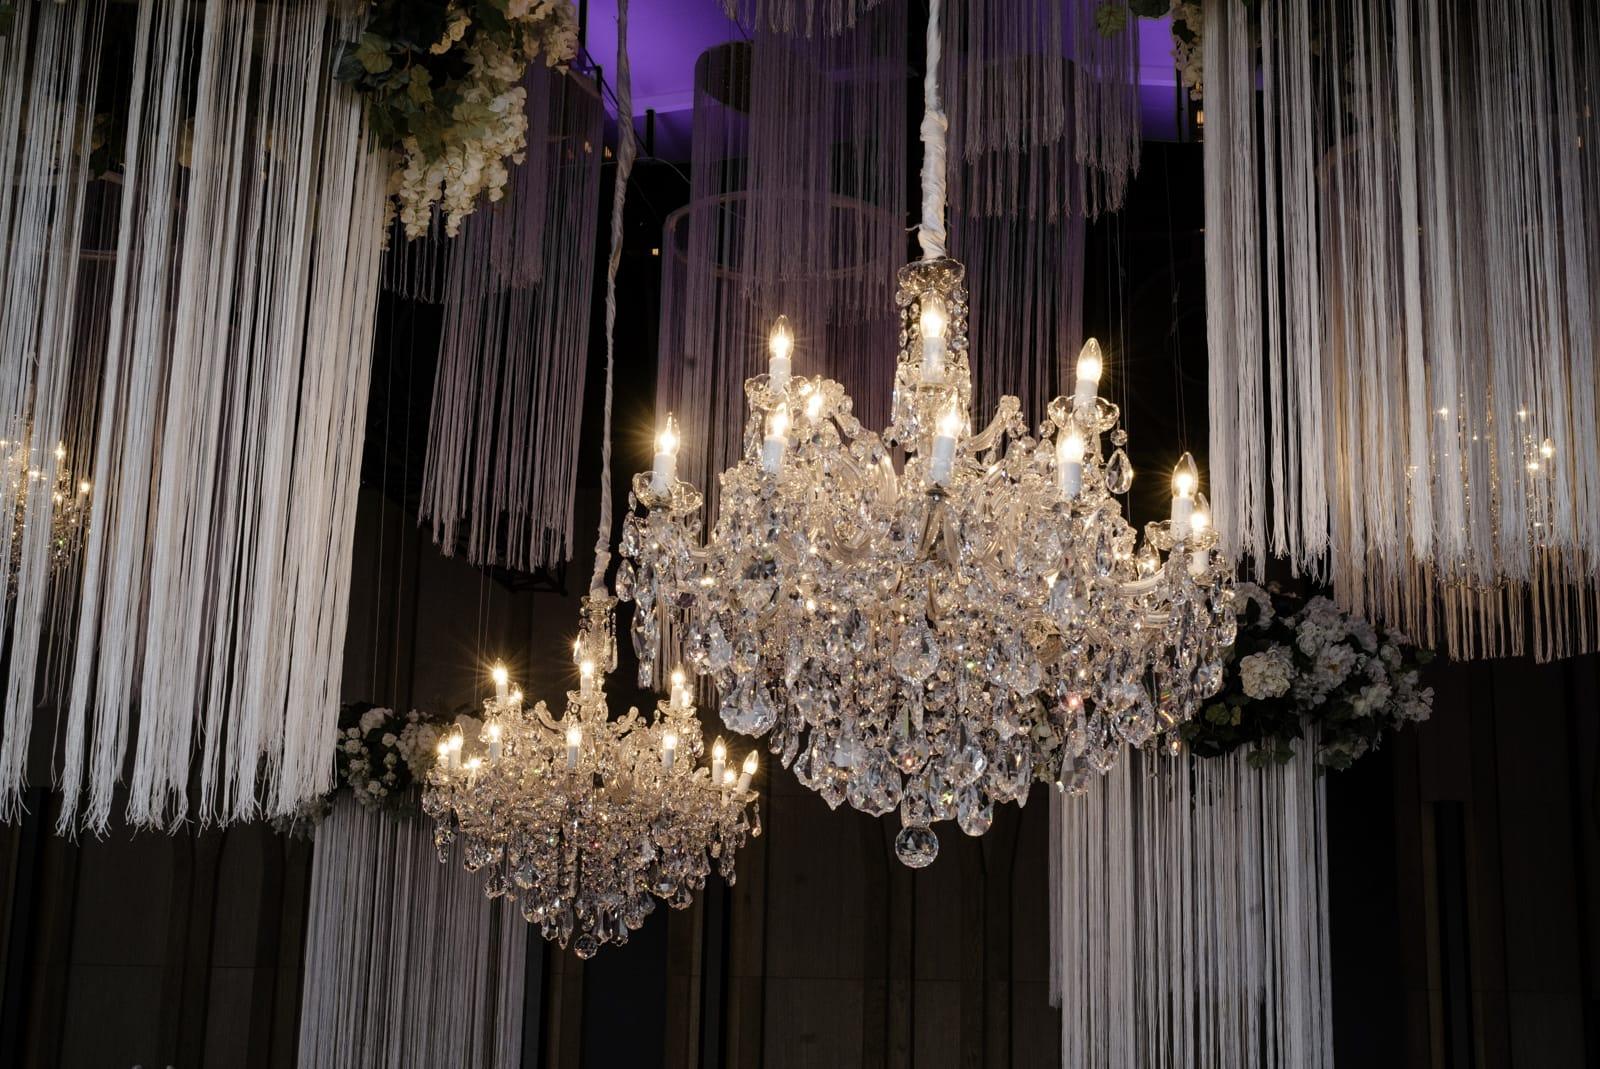 mary-rhion-park-hyatt-sydney-wedding-17.jpg